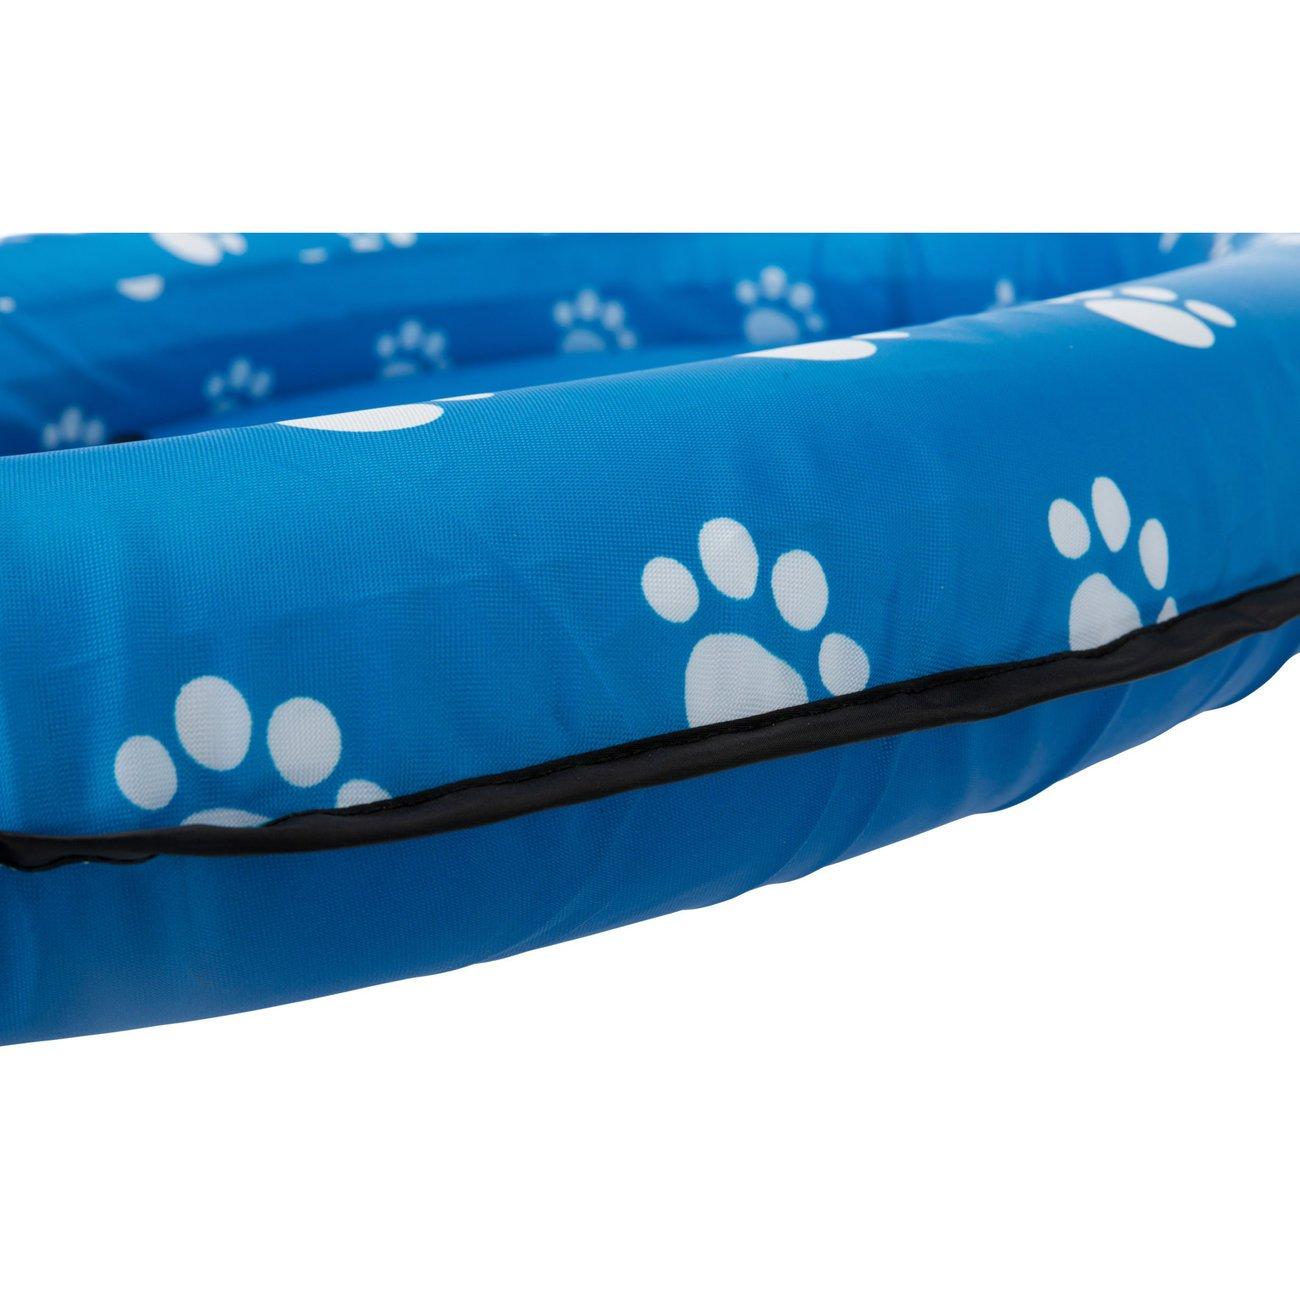 TRIXIE Schlauchboot für Hunde 39491, Bild 6